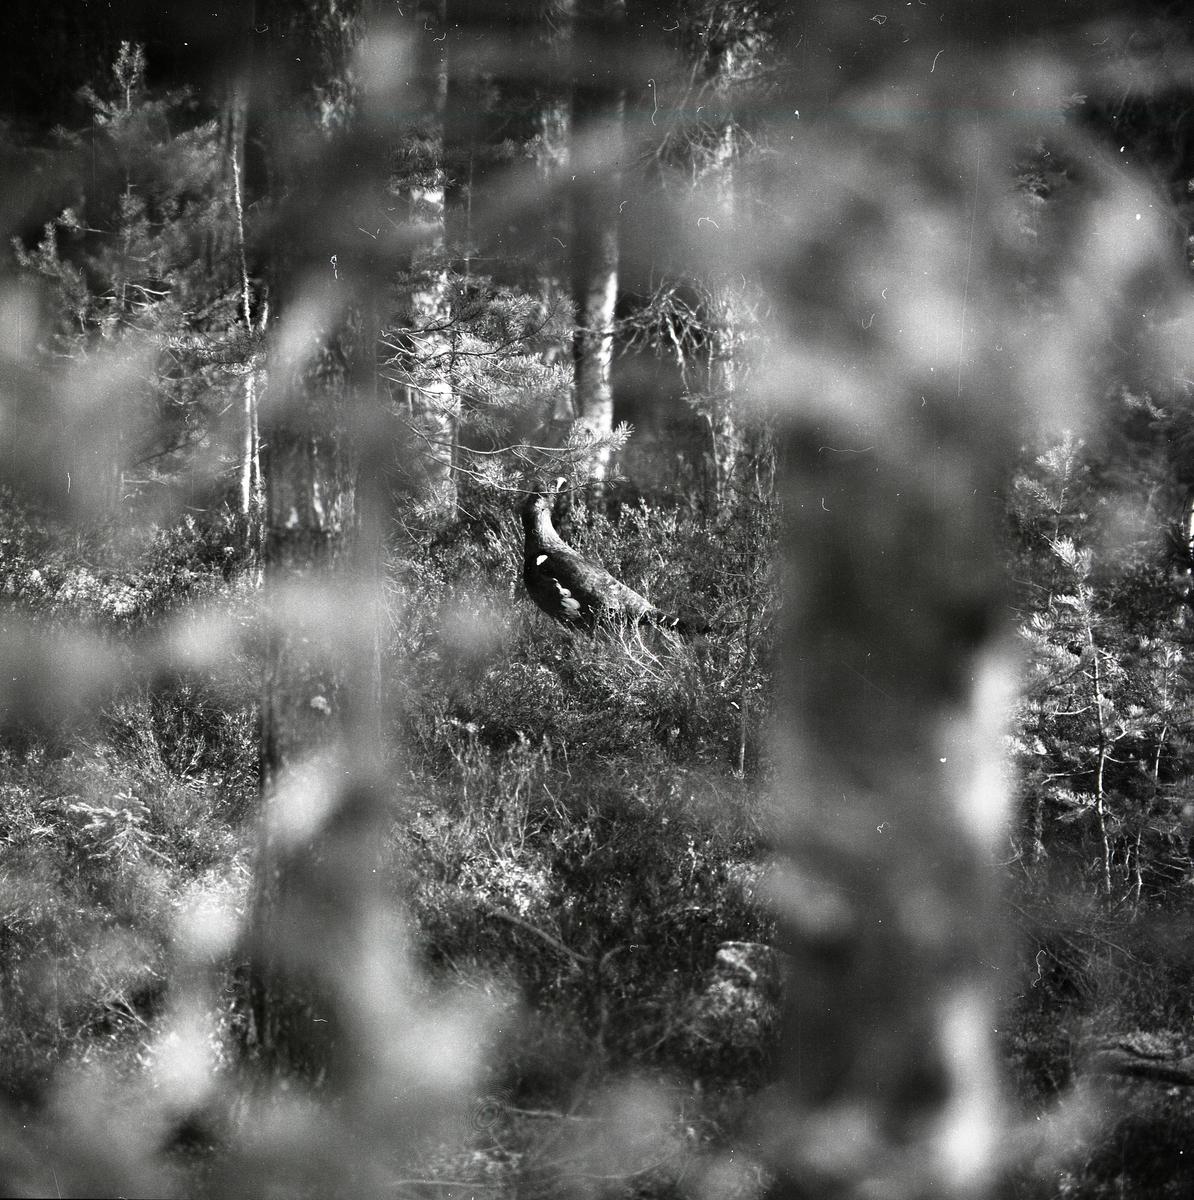 Mellan skogens löv och ris skymtar en ätande tjäder fram vid Häggtjärn i april 1976.